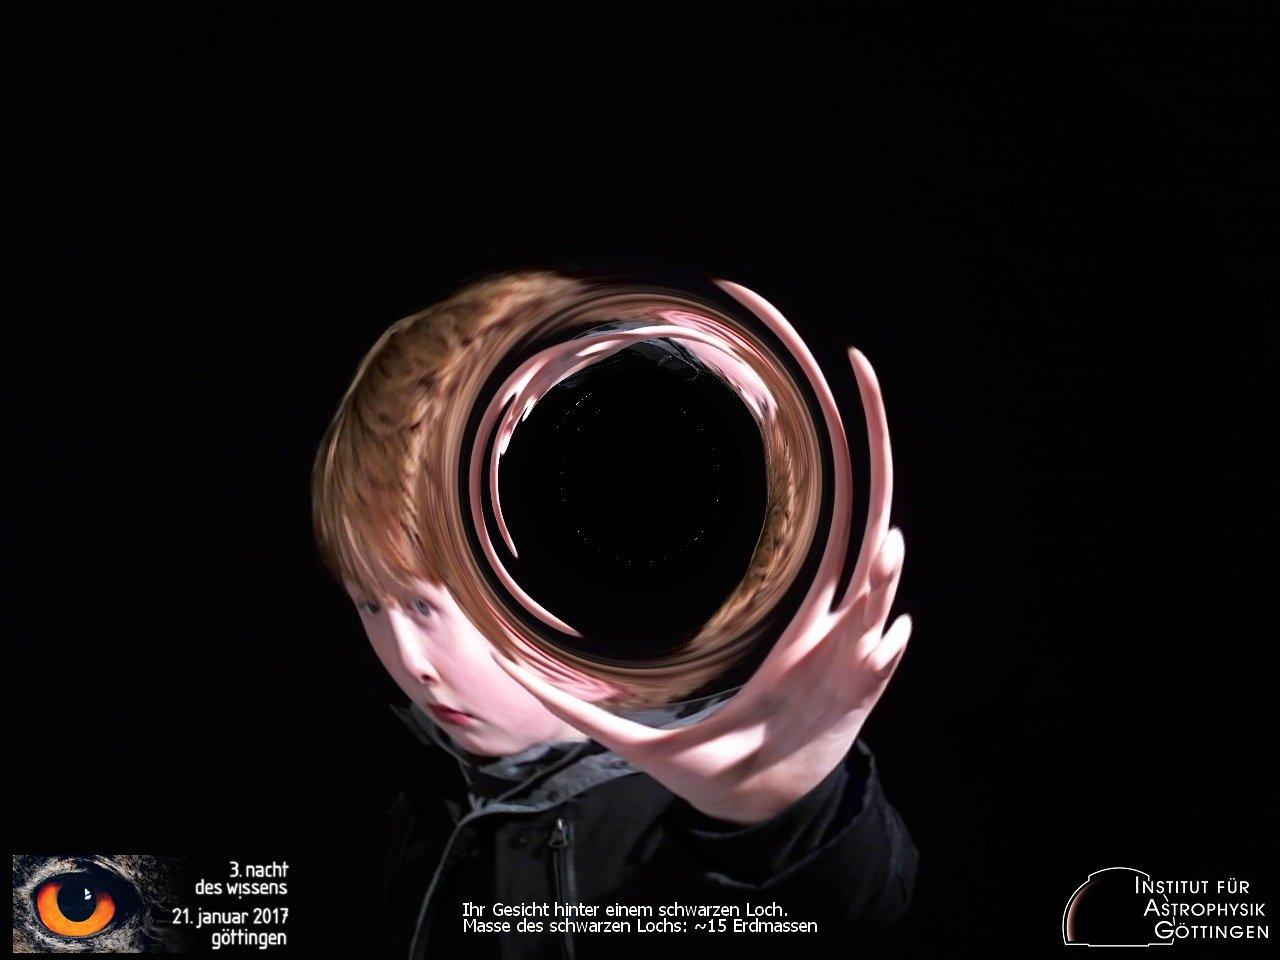 Schonmal ein schwarzes Loch fotografiert? #ndwgoe #astrophysik https://t.co/KJHKZ1f8kS